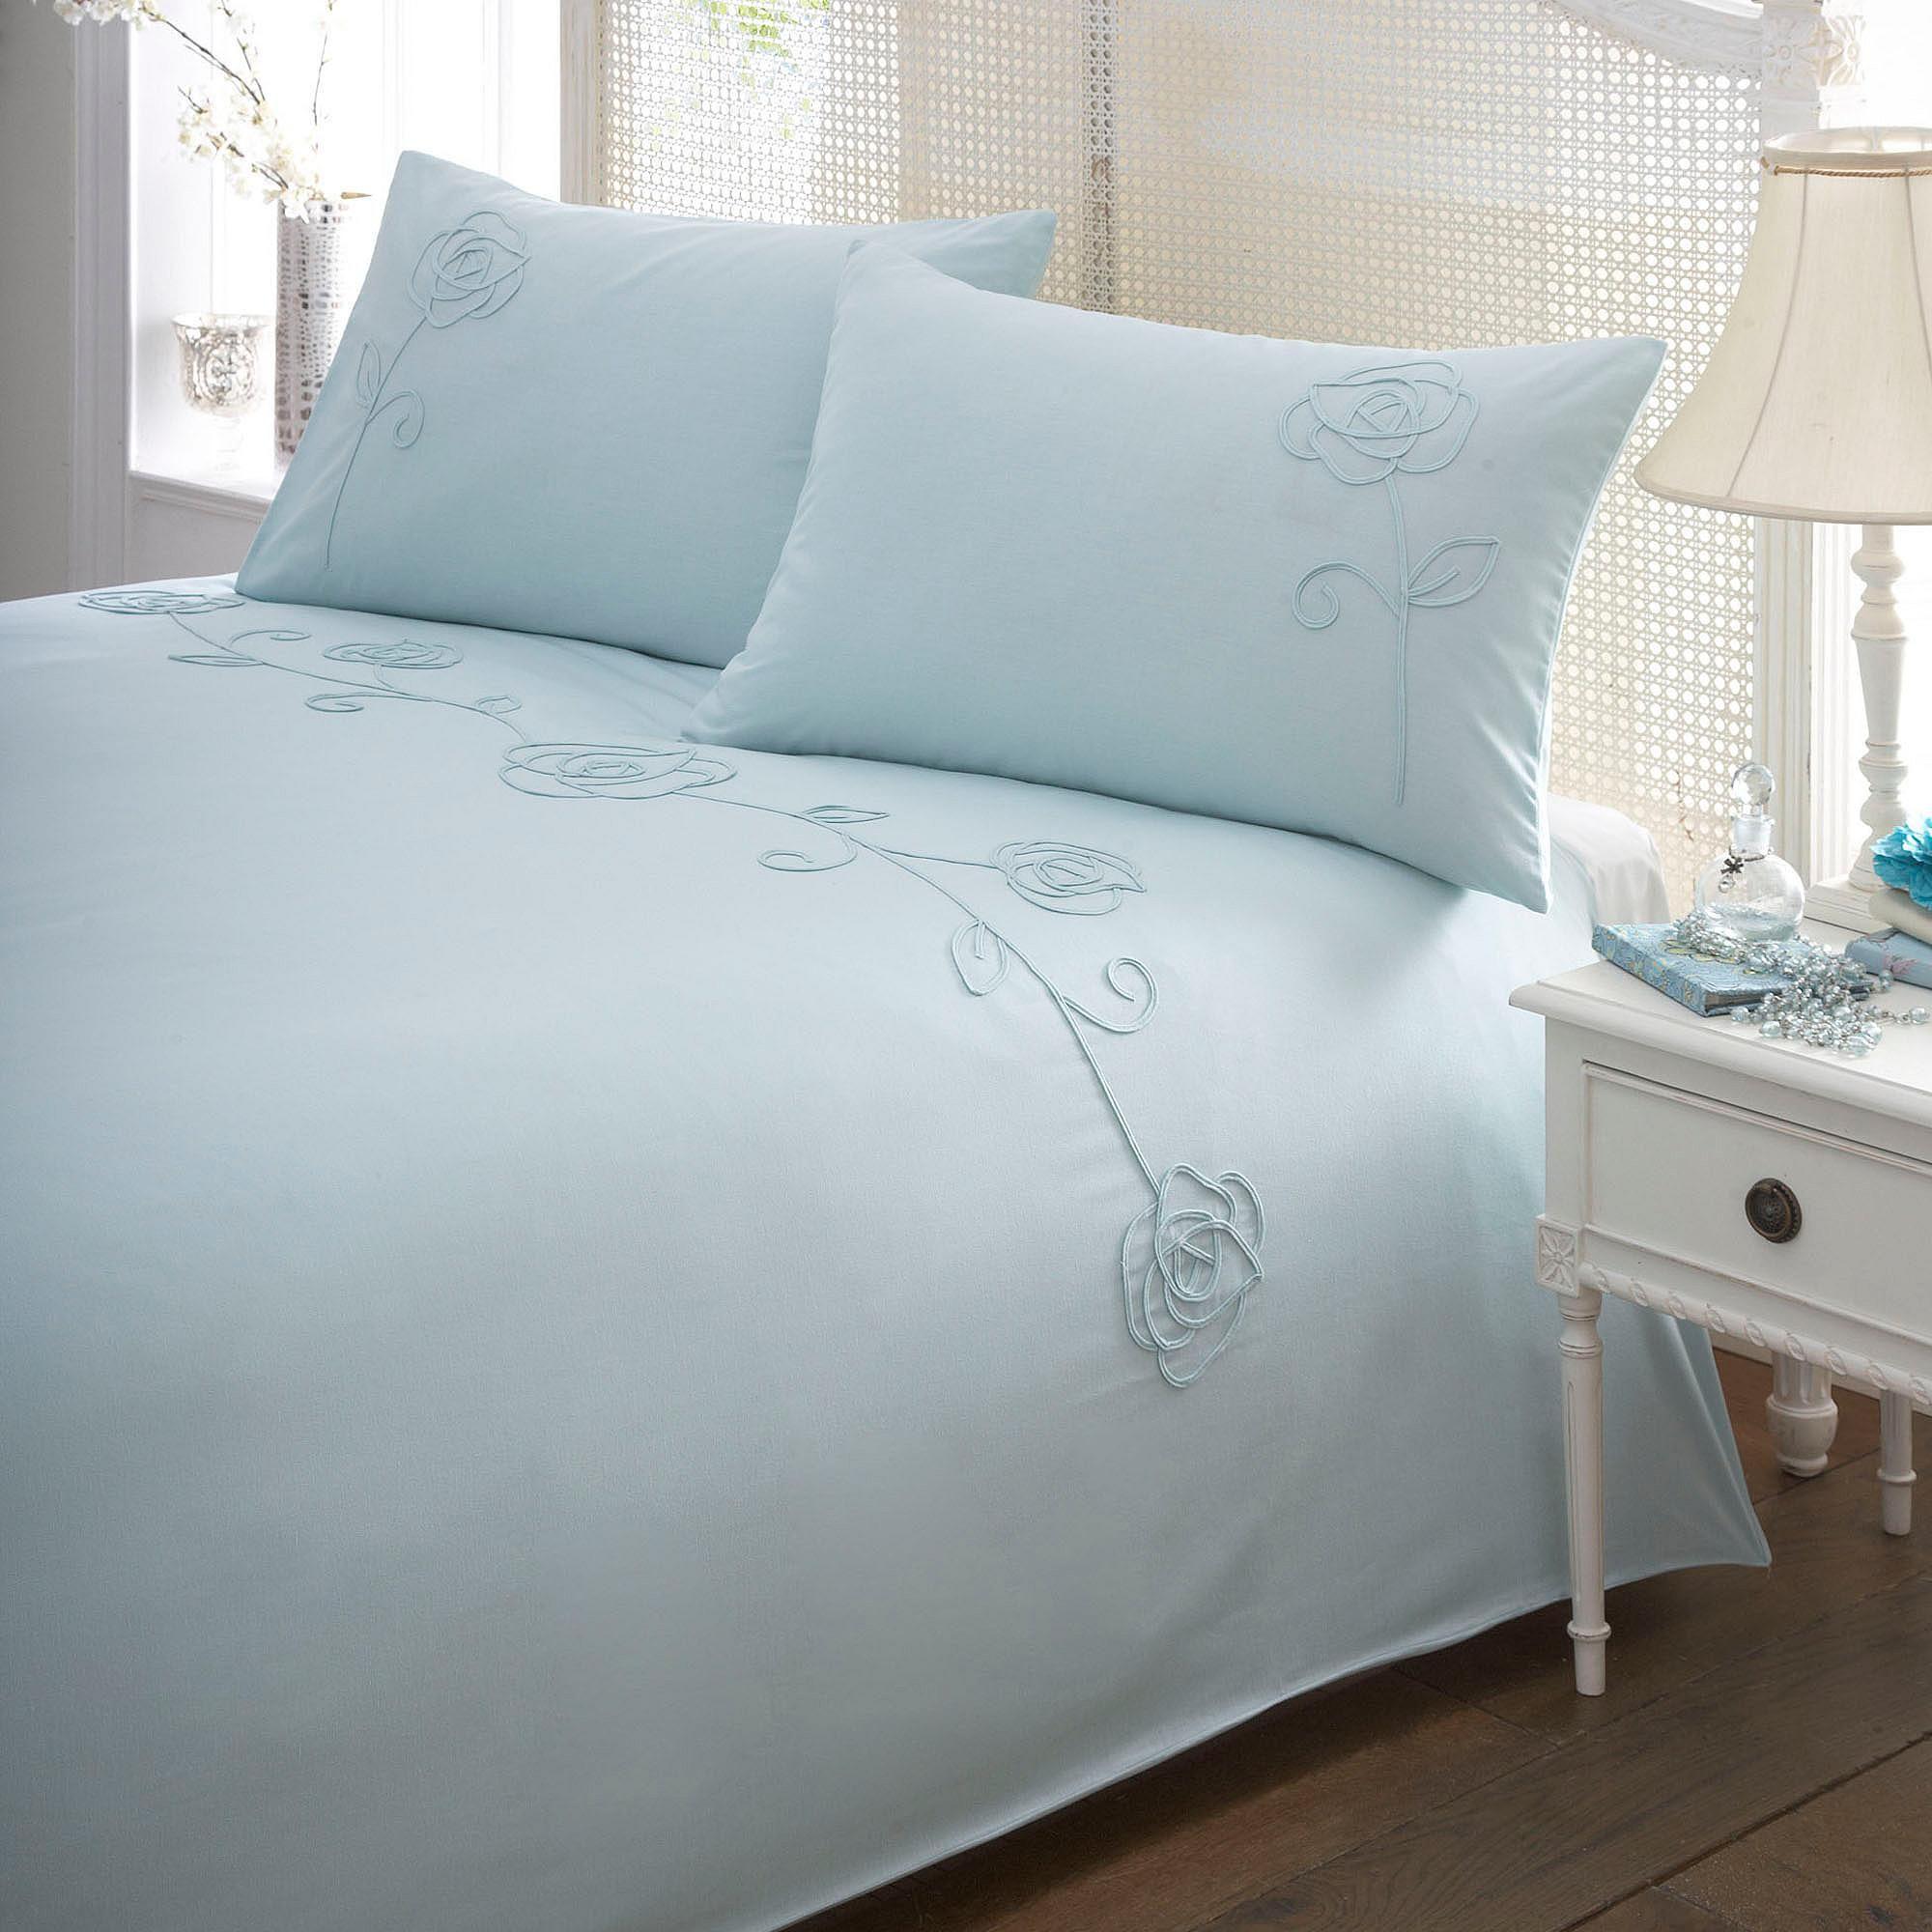 Duck egg 'Roslyn Tape' bedding set - Debenhams.com (With ...